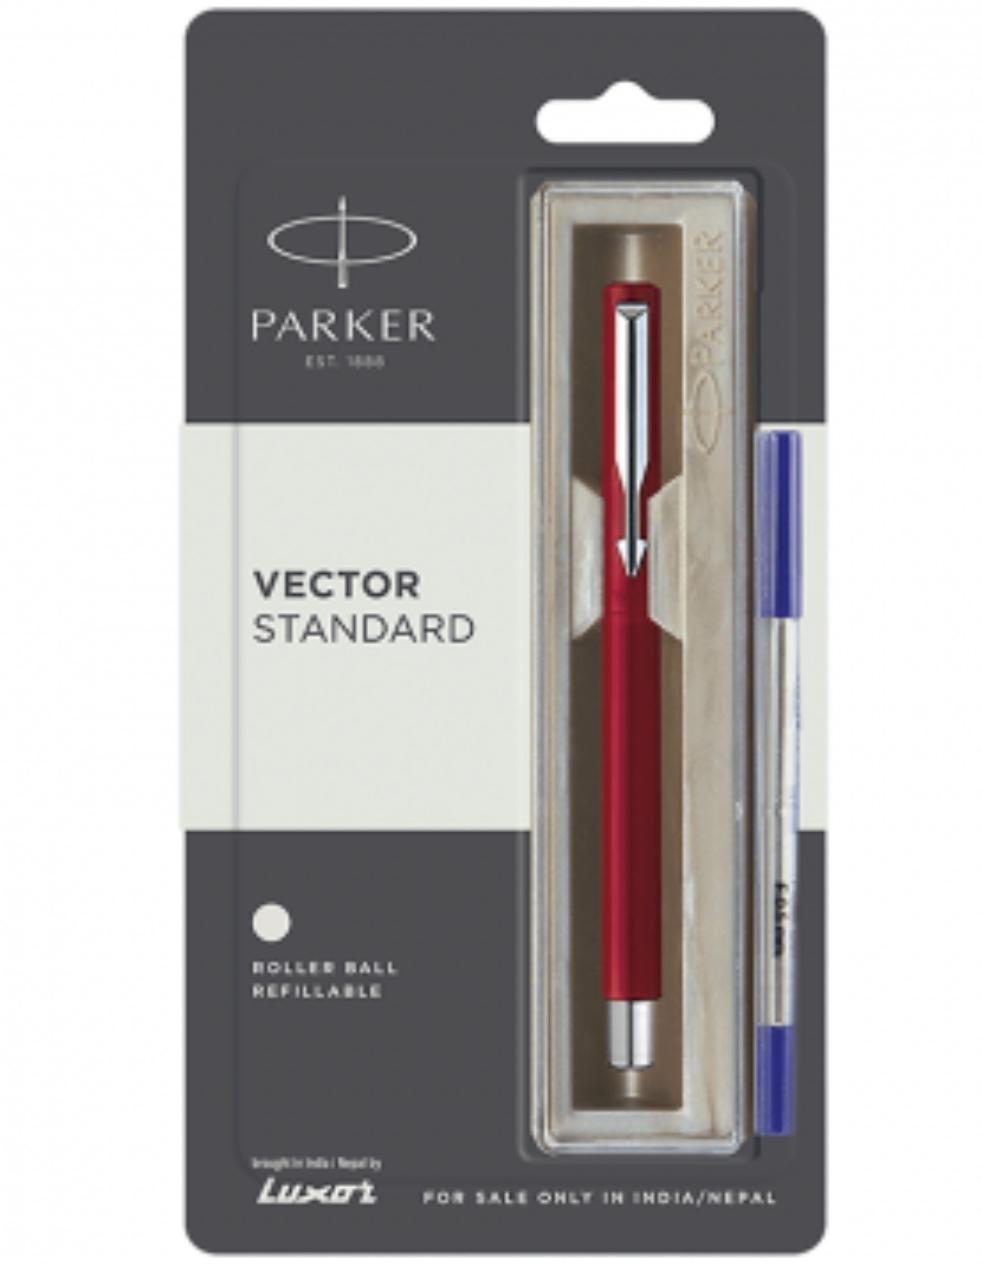 Parker Vector Standard Chrome Trim Roller Ball Pen (Pack of 1) Red Body